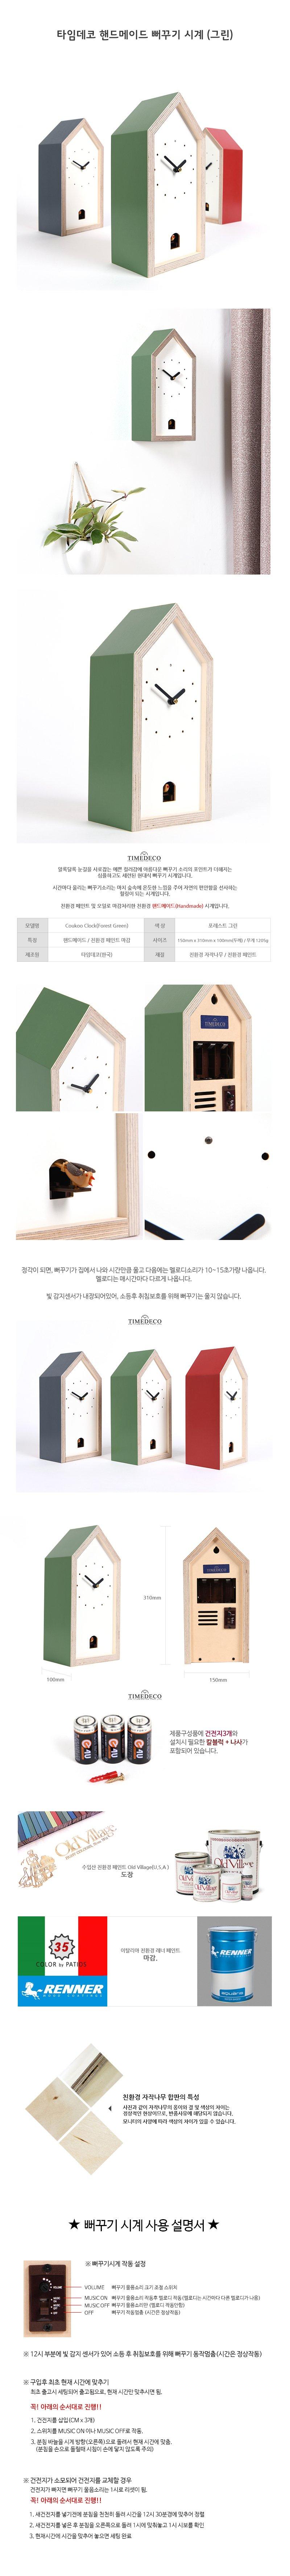 타임데코 핸드메이드 뻐꾸기 시계 (그린) - 썸몰, 150,000원, 알람/탁상시계, 디자인시계